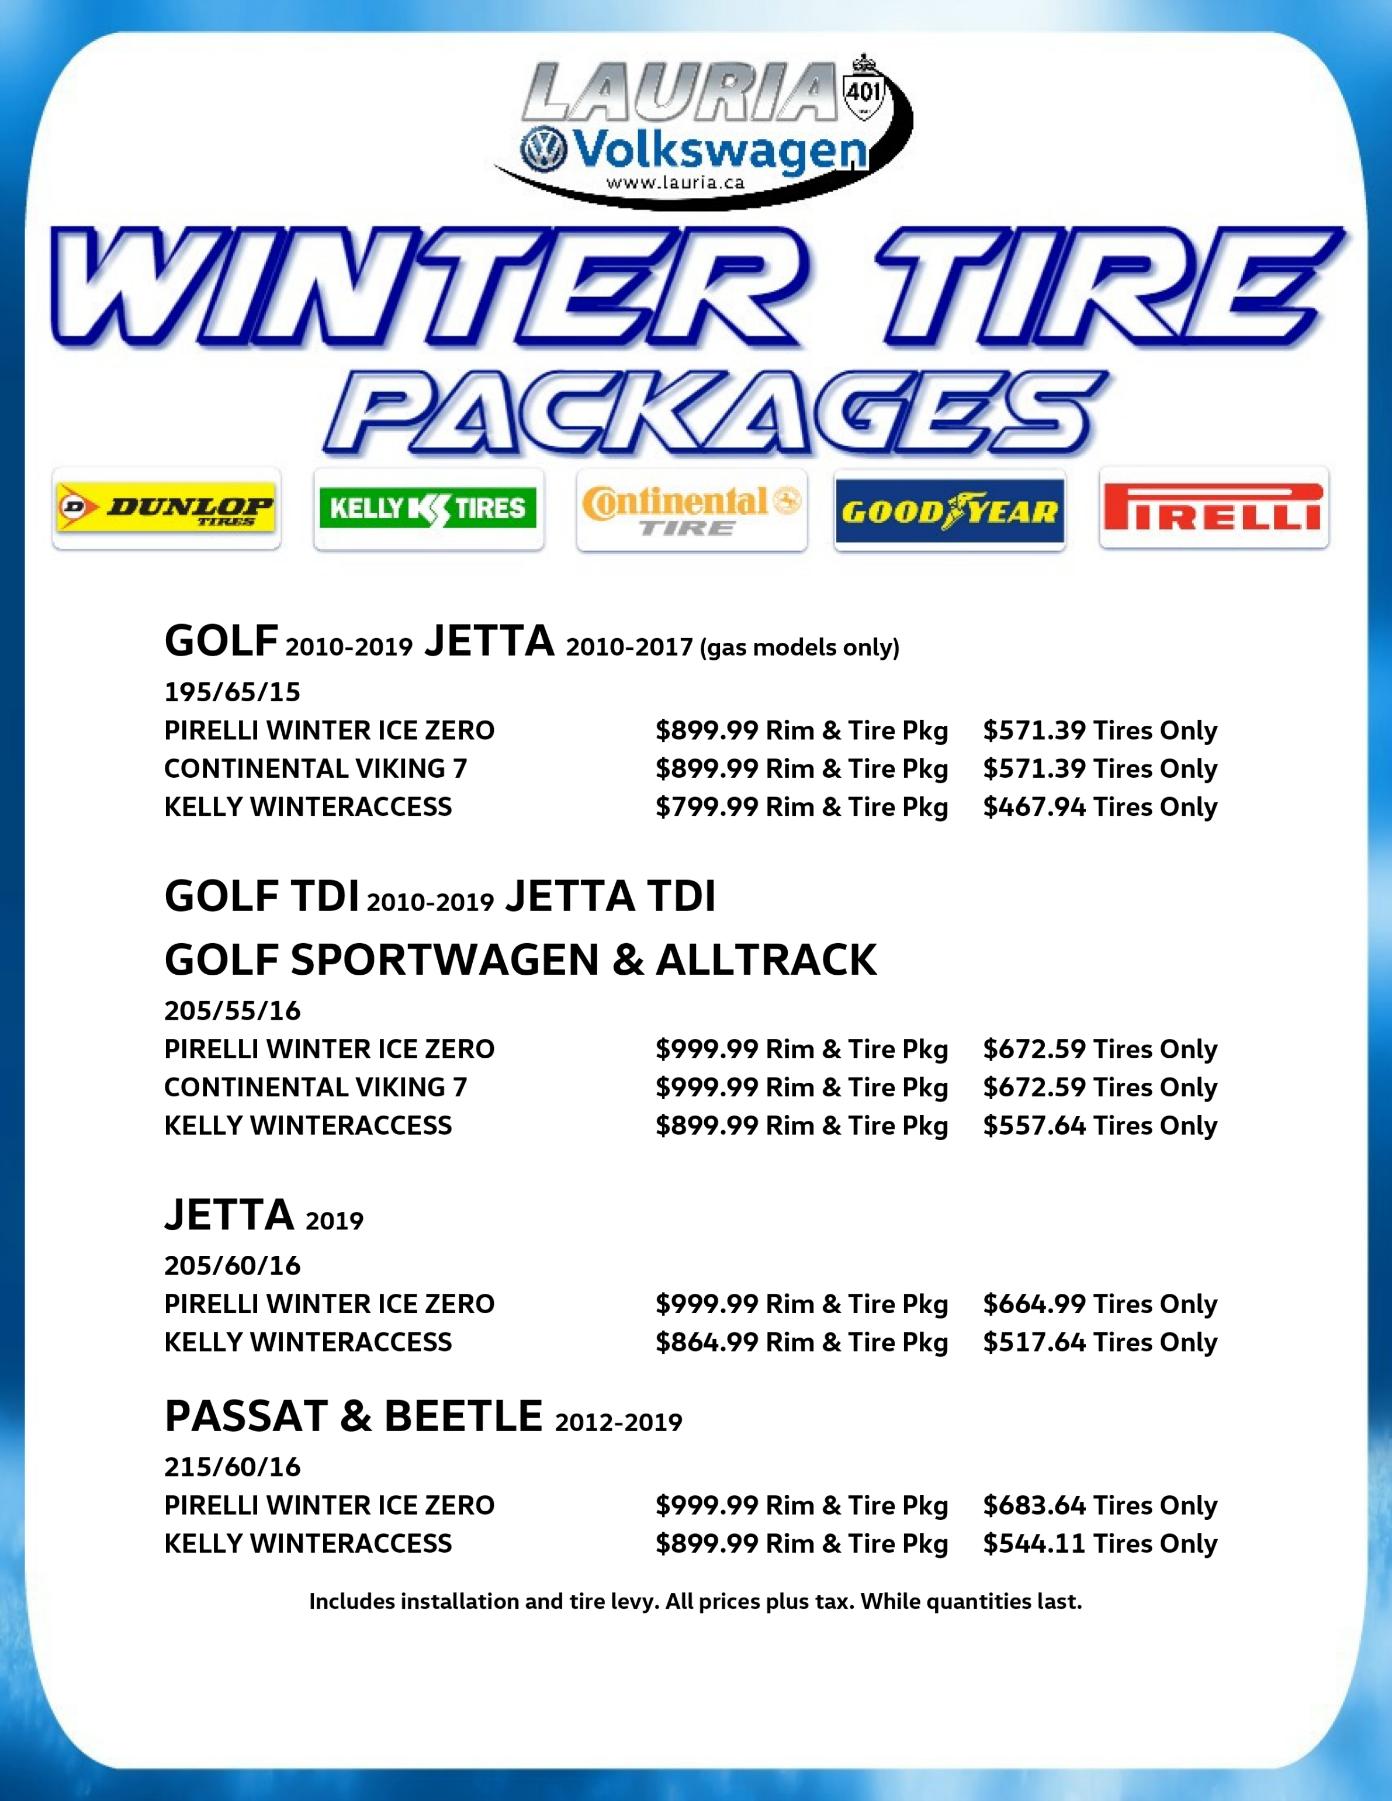 Volkswagen Winter tire packages